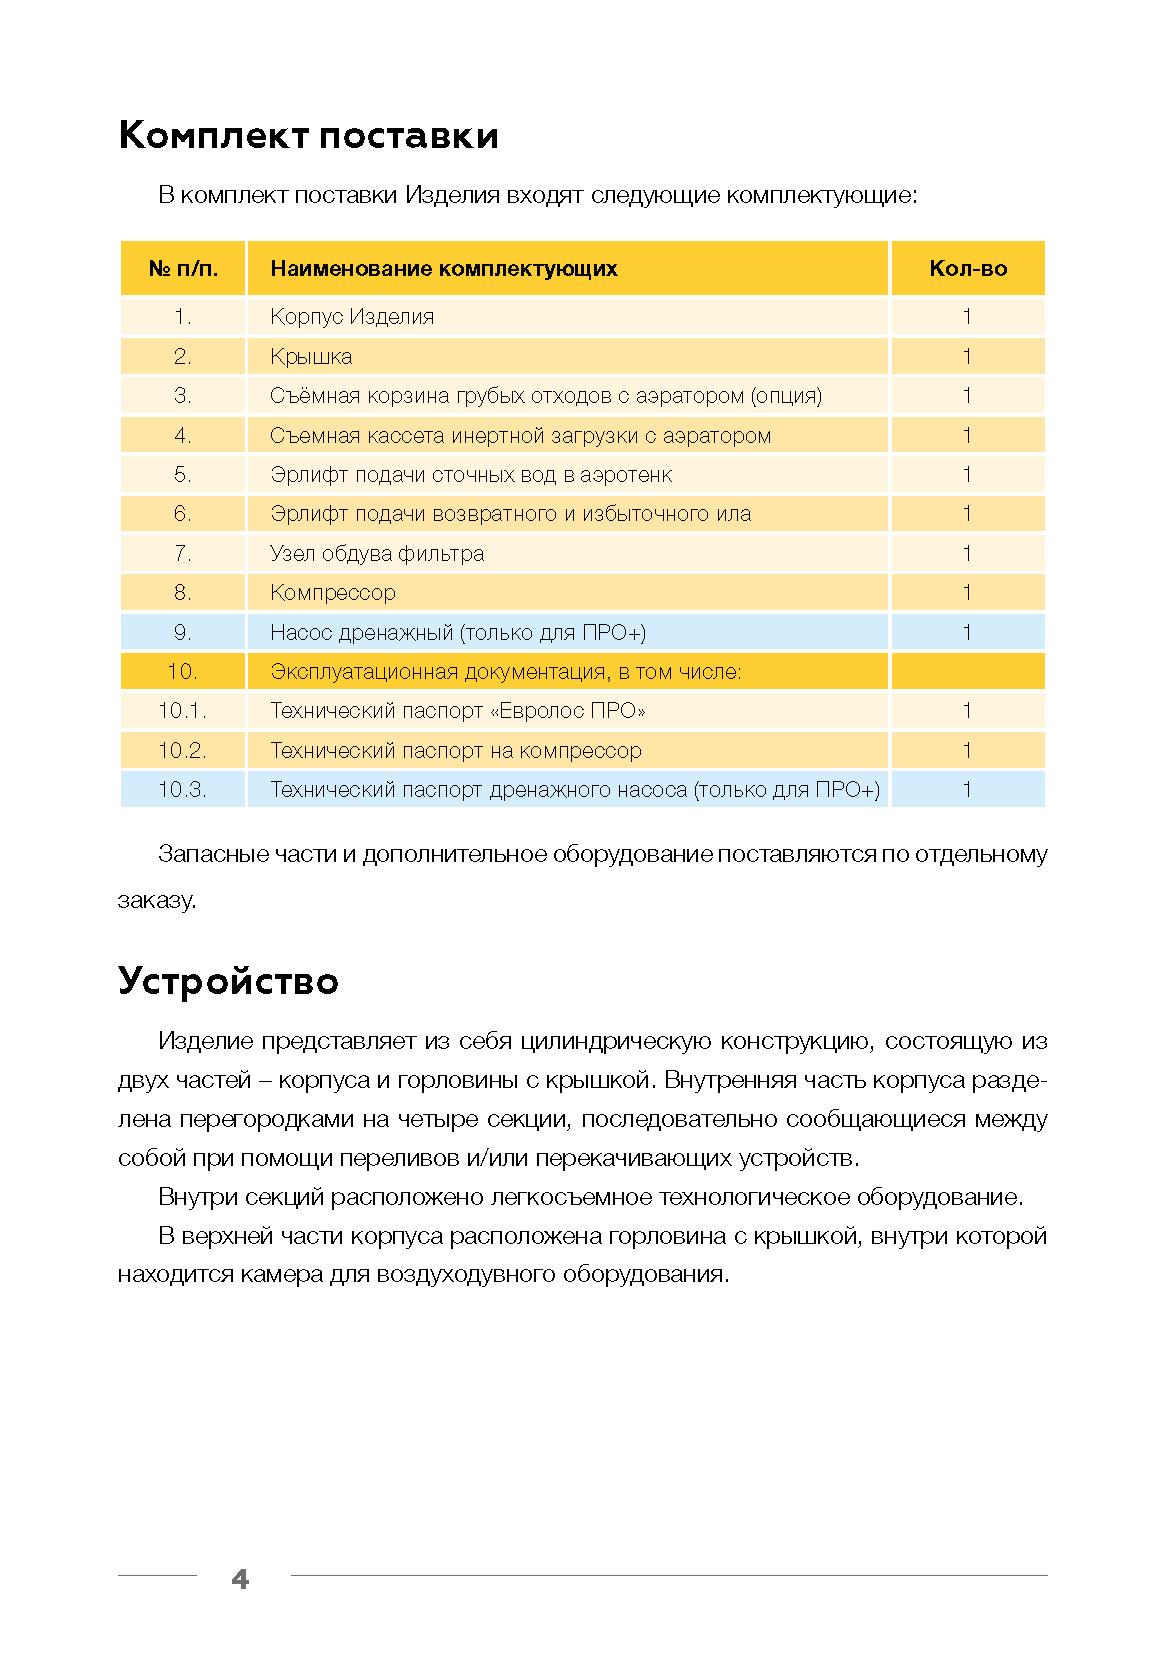 Технический паспорт Евролос Про_Страница_06